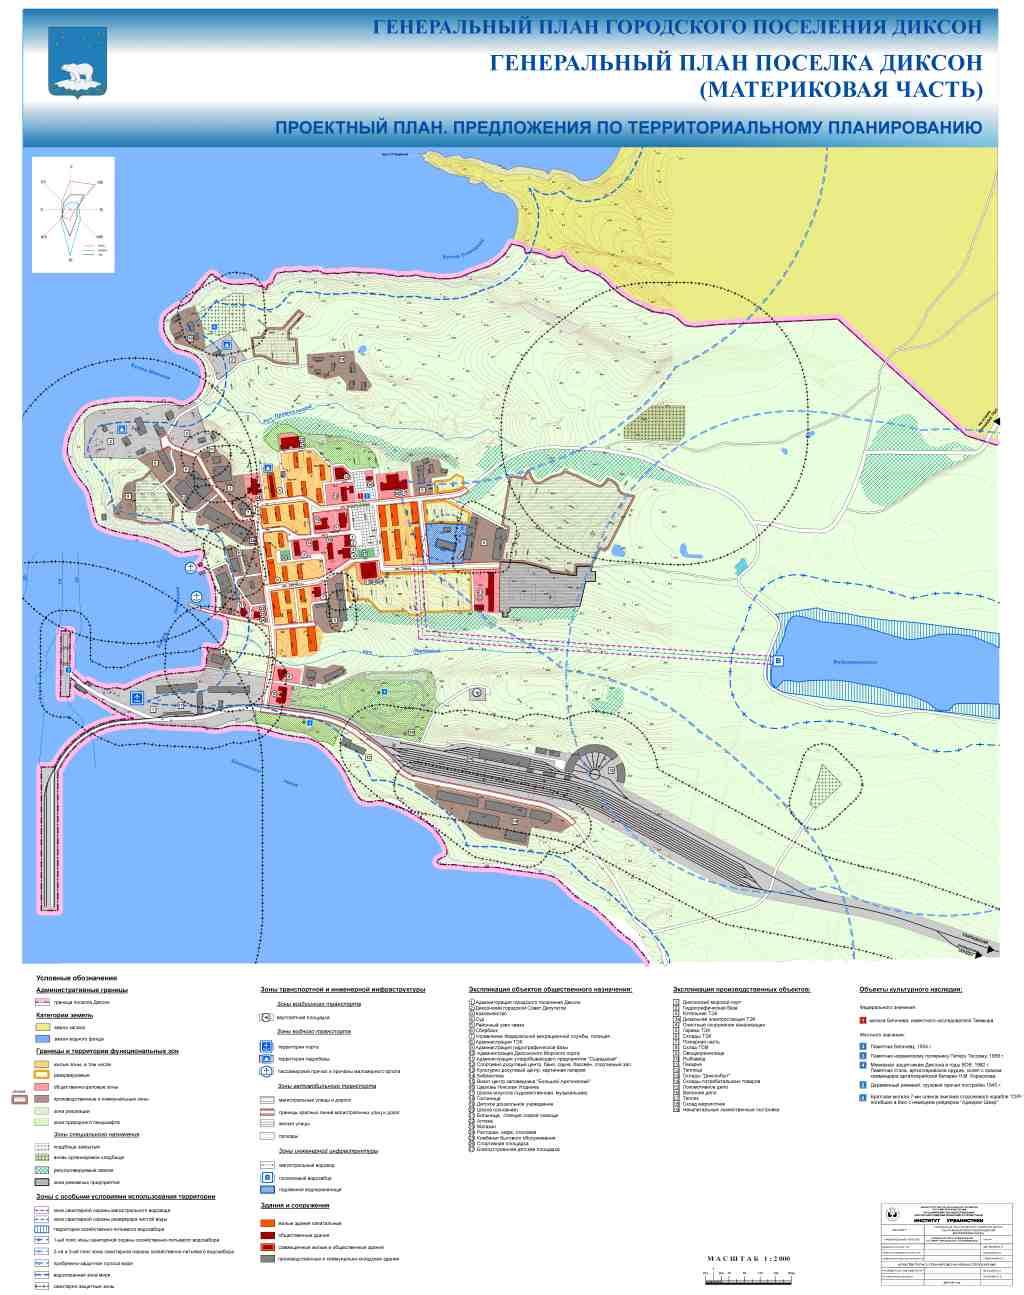 Брестская крепость  Википедия